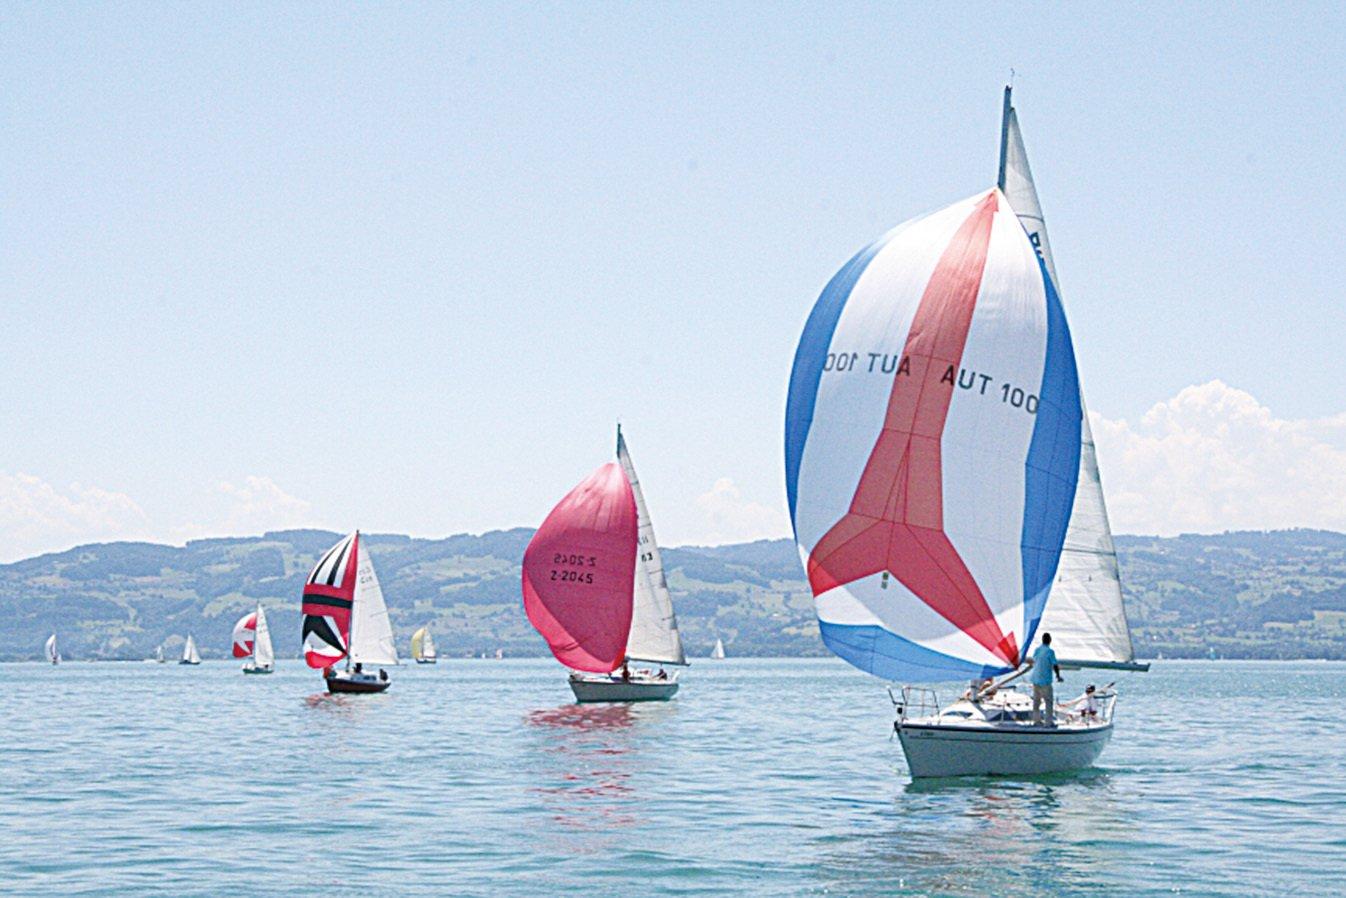 博登湖上航行的帆船。(維基百科)